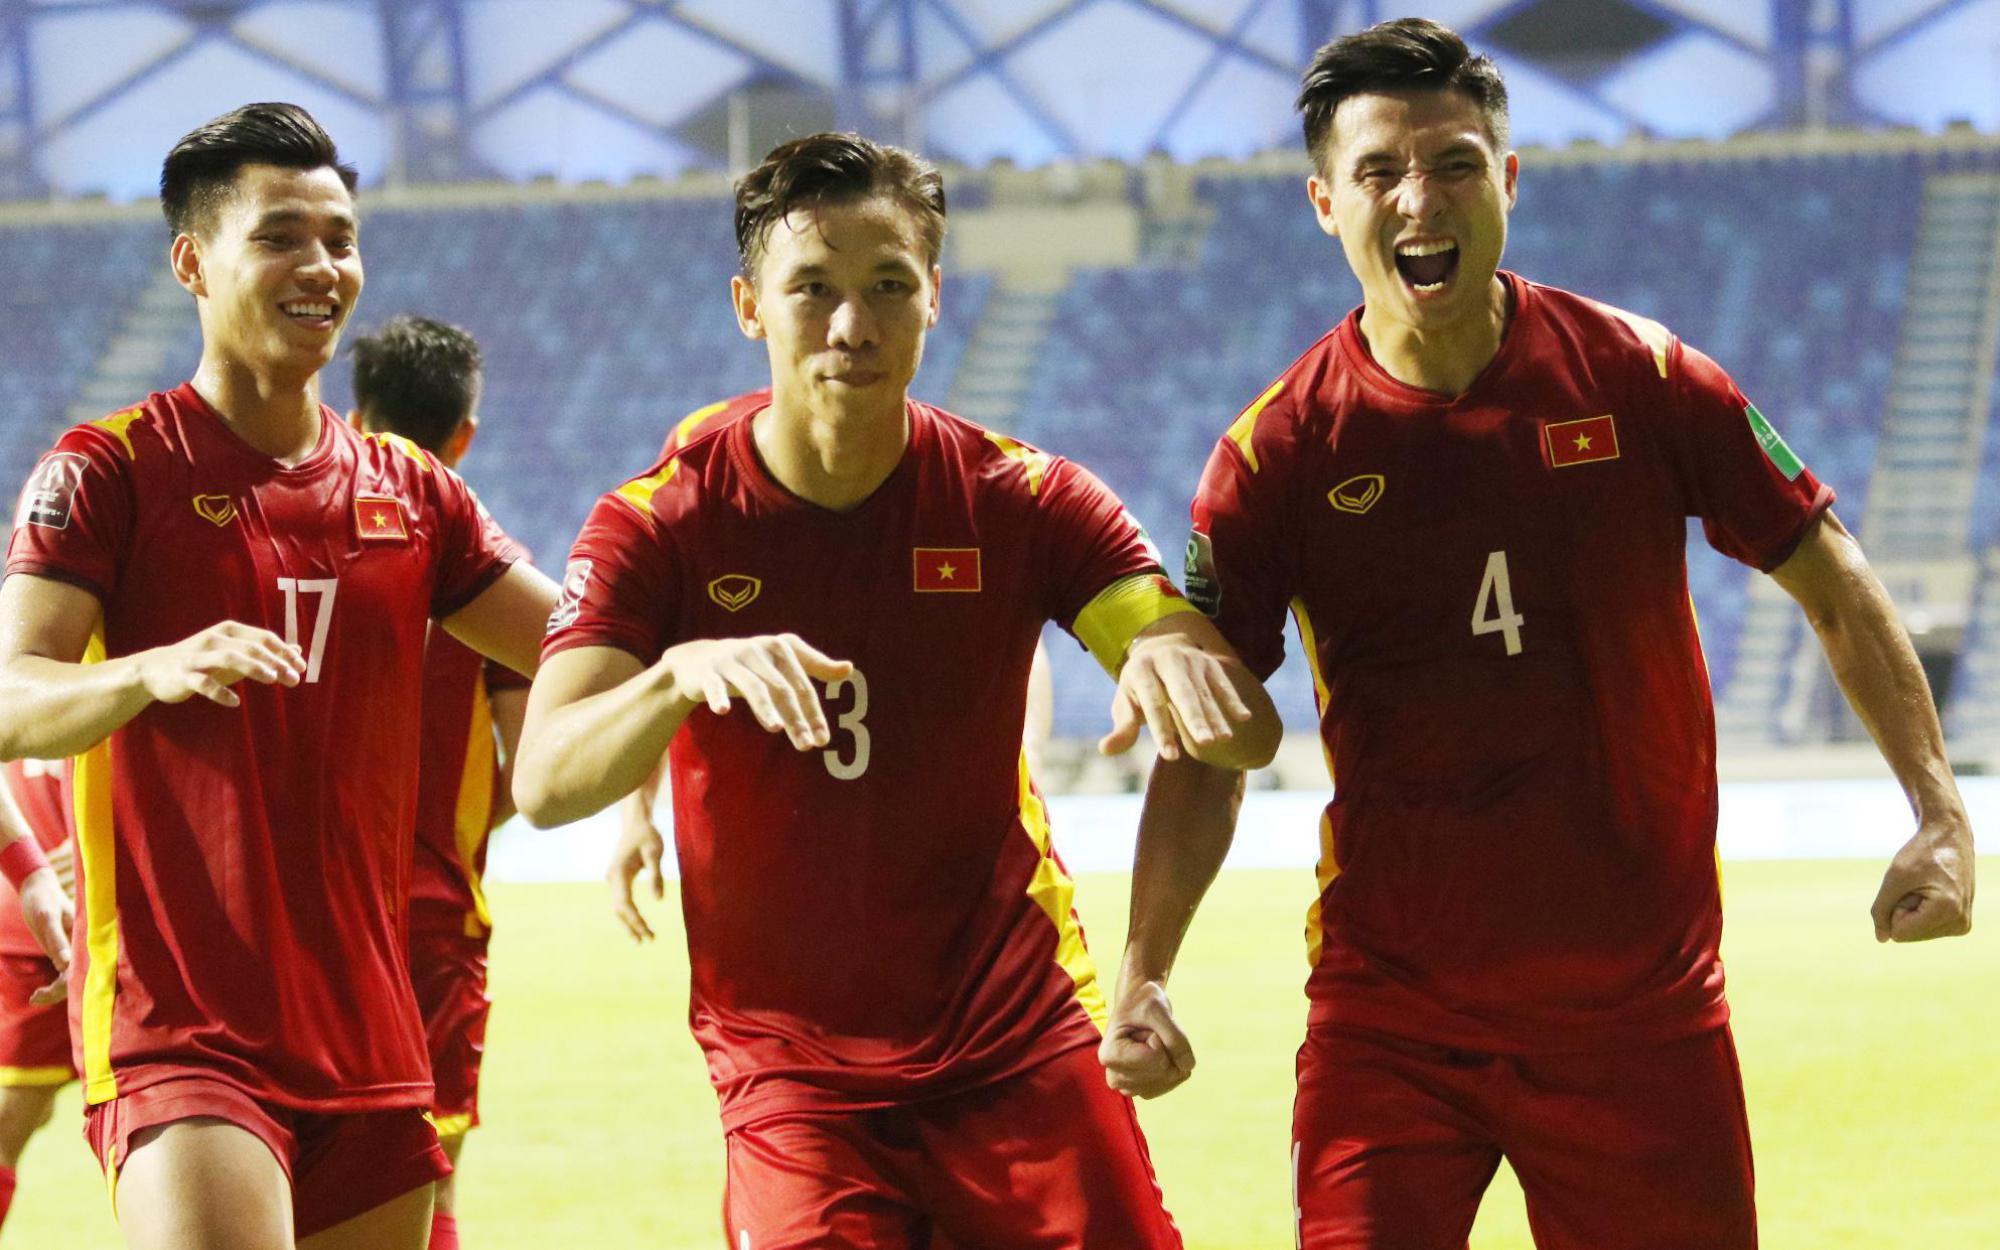 Lịch bốc thăm vòng loại World Cup 2022: Đội tuyển Việt Nam gặp Trung Quốc ở bảng đấu cực khó?